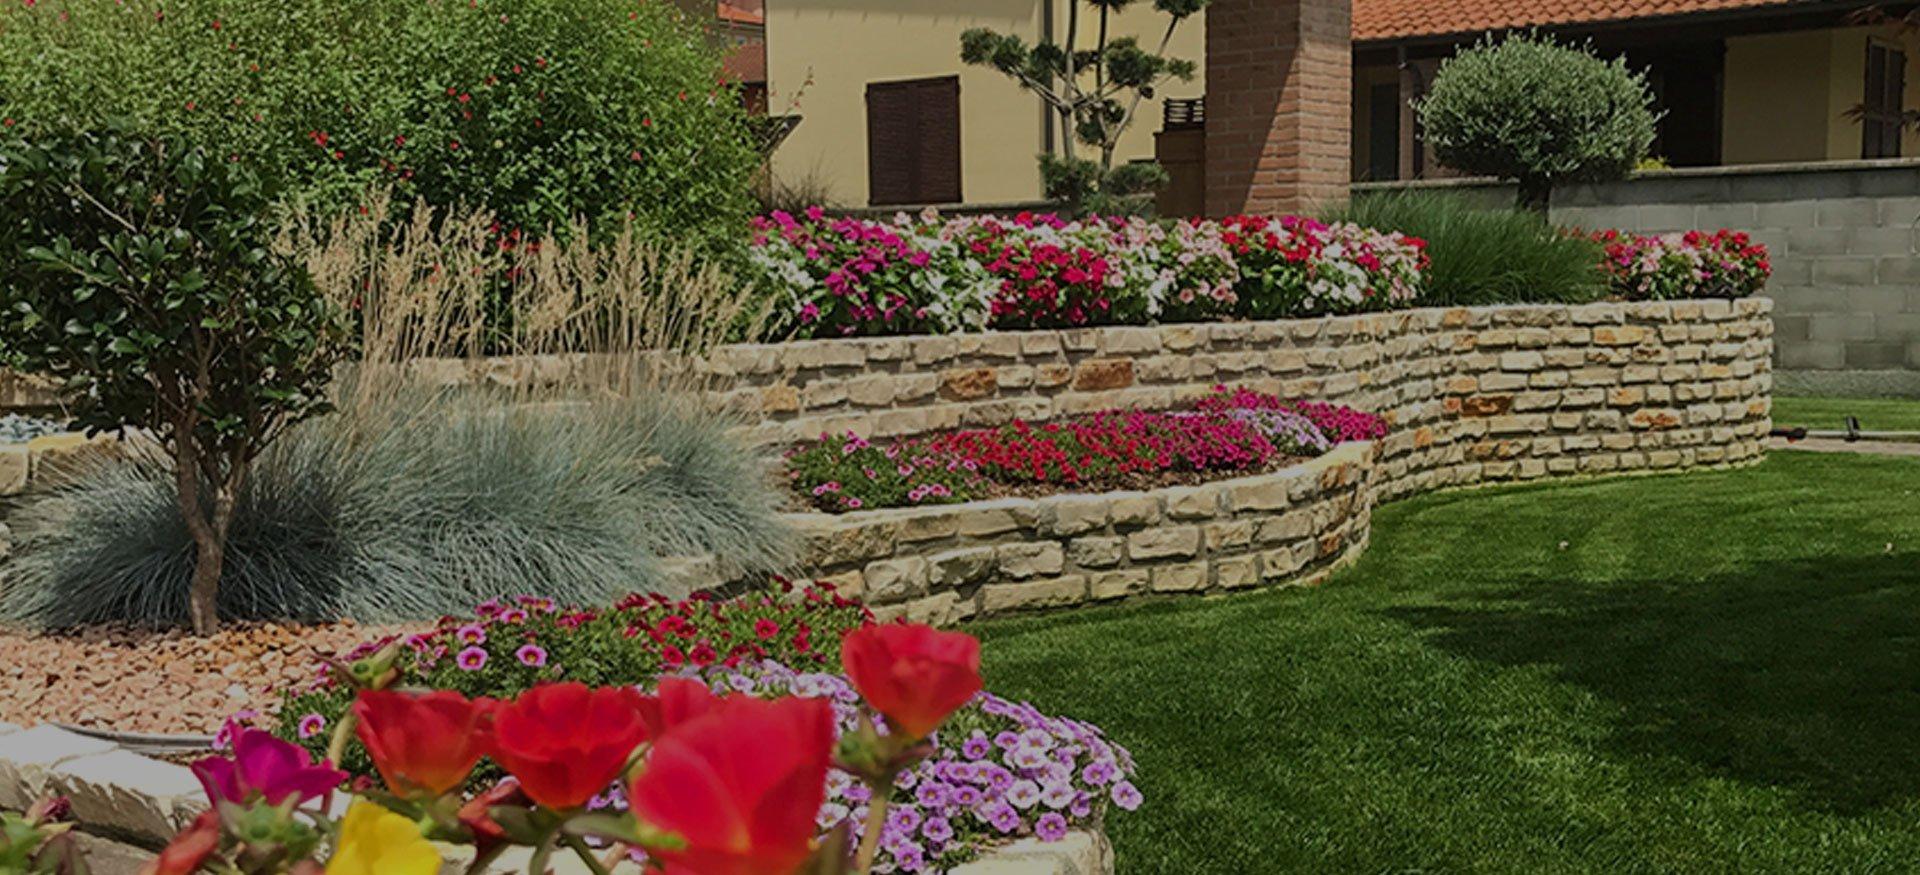 Caruso giardinaggio giardinieri a milano caruso for Manutenzione giardini